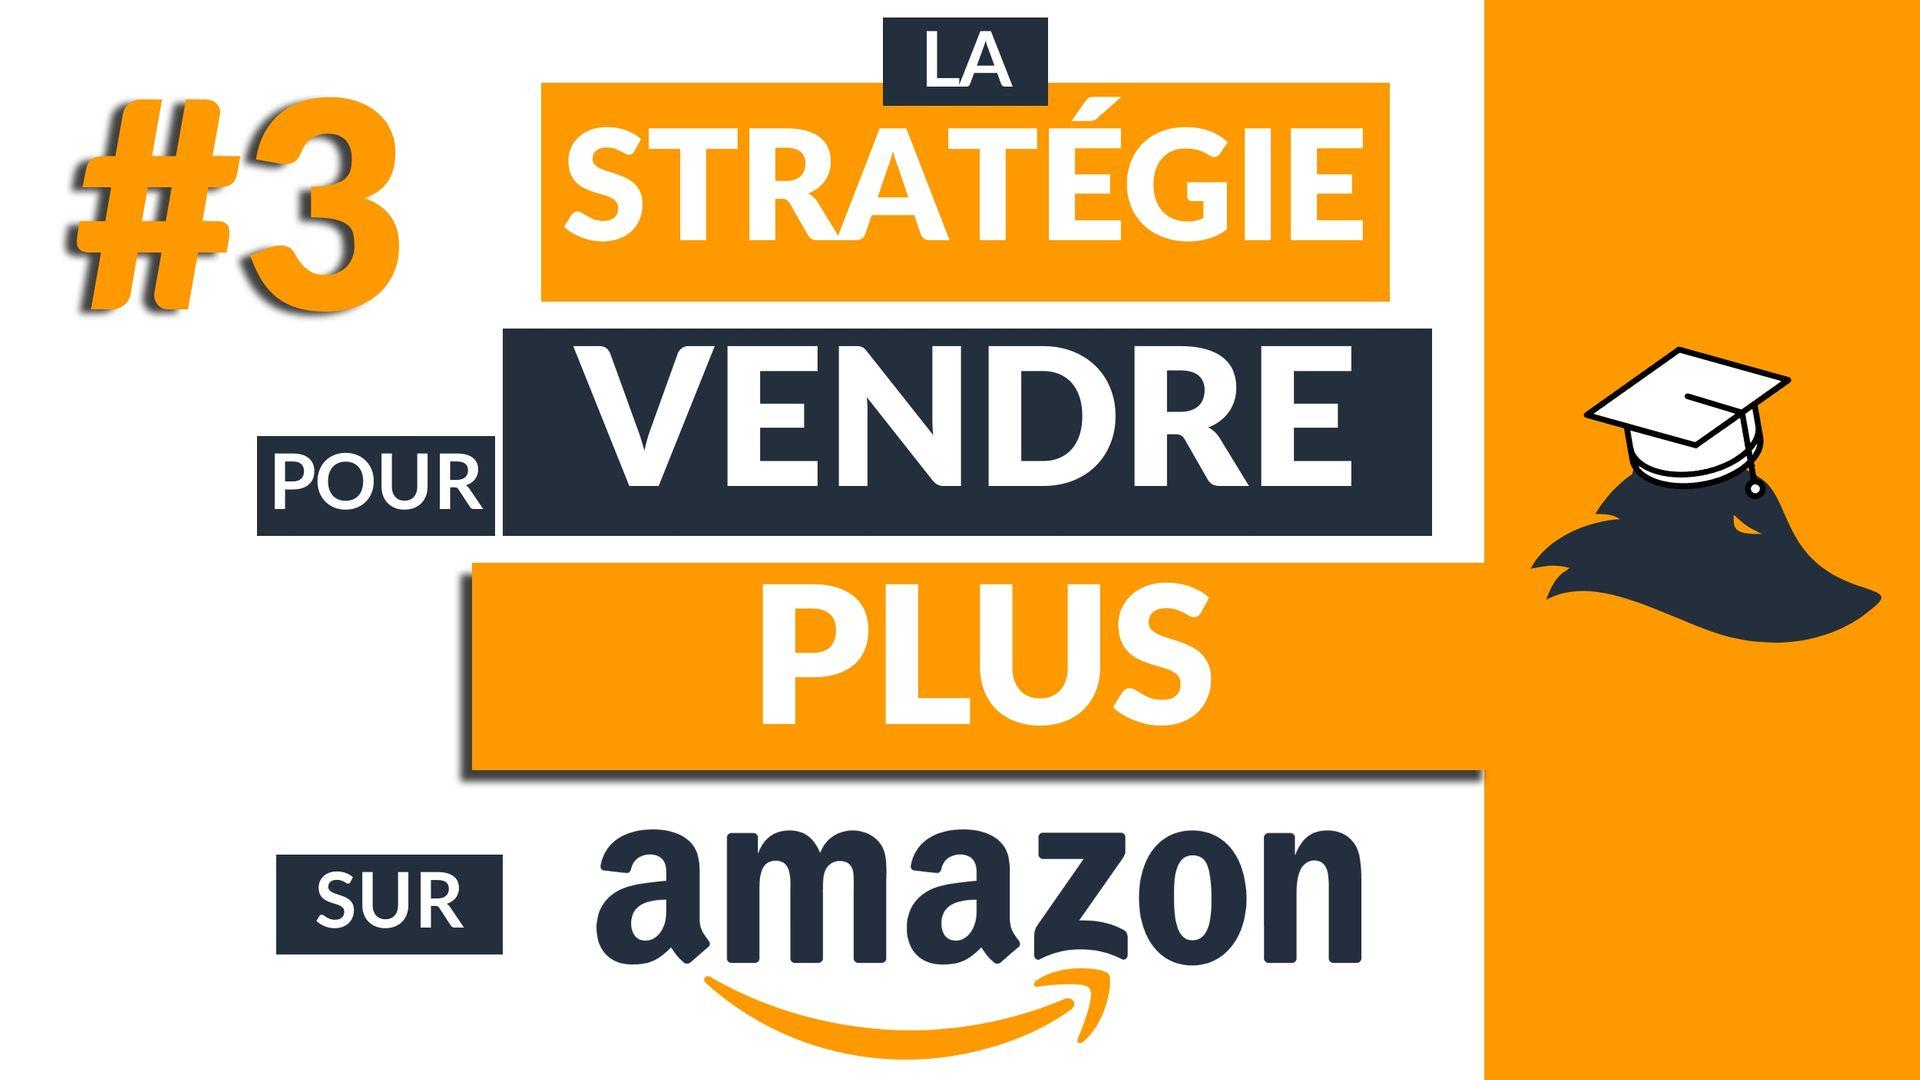 Mini-formation Intellifox - La stratégie pour VENDRE PLUS sur Amazon